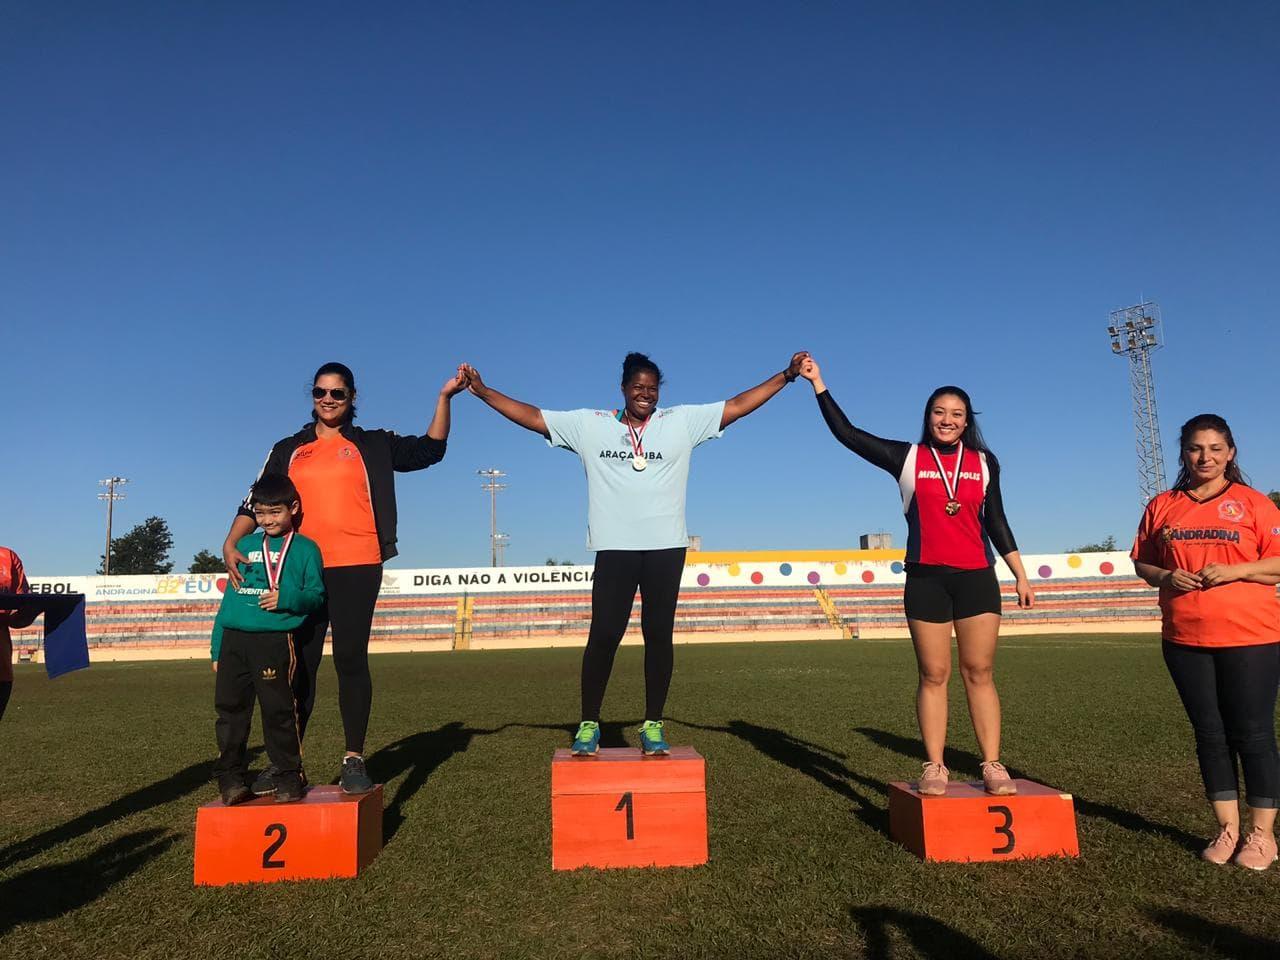 Jogos Regionais: Mirandópolis conquista medalhas no Lançamento de Disco, Atletismo, voleibol feminino e malha